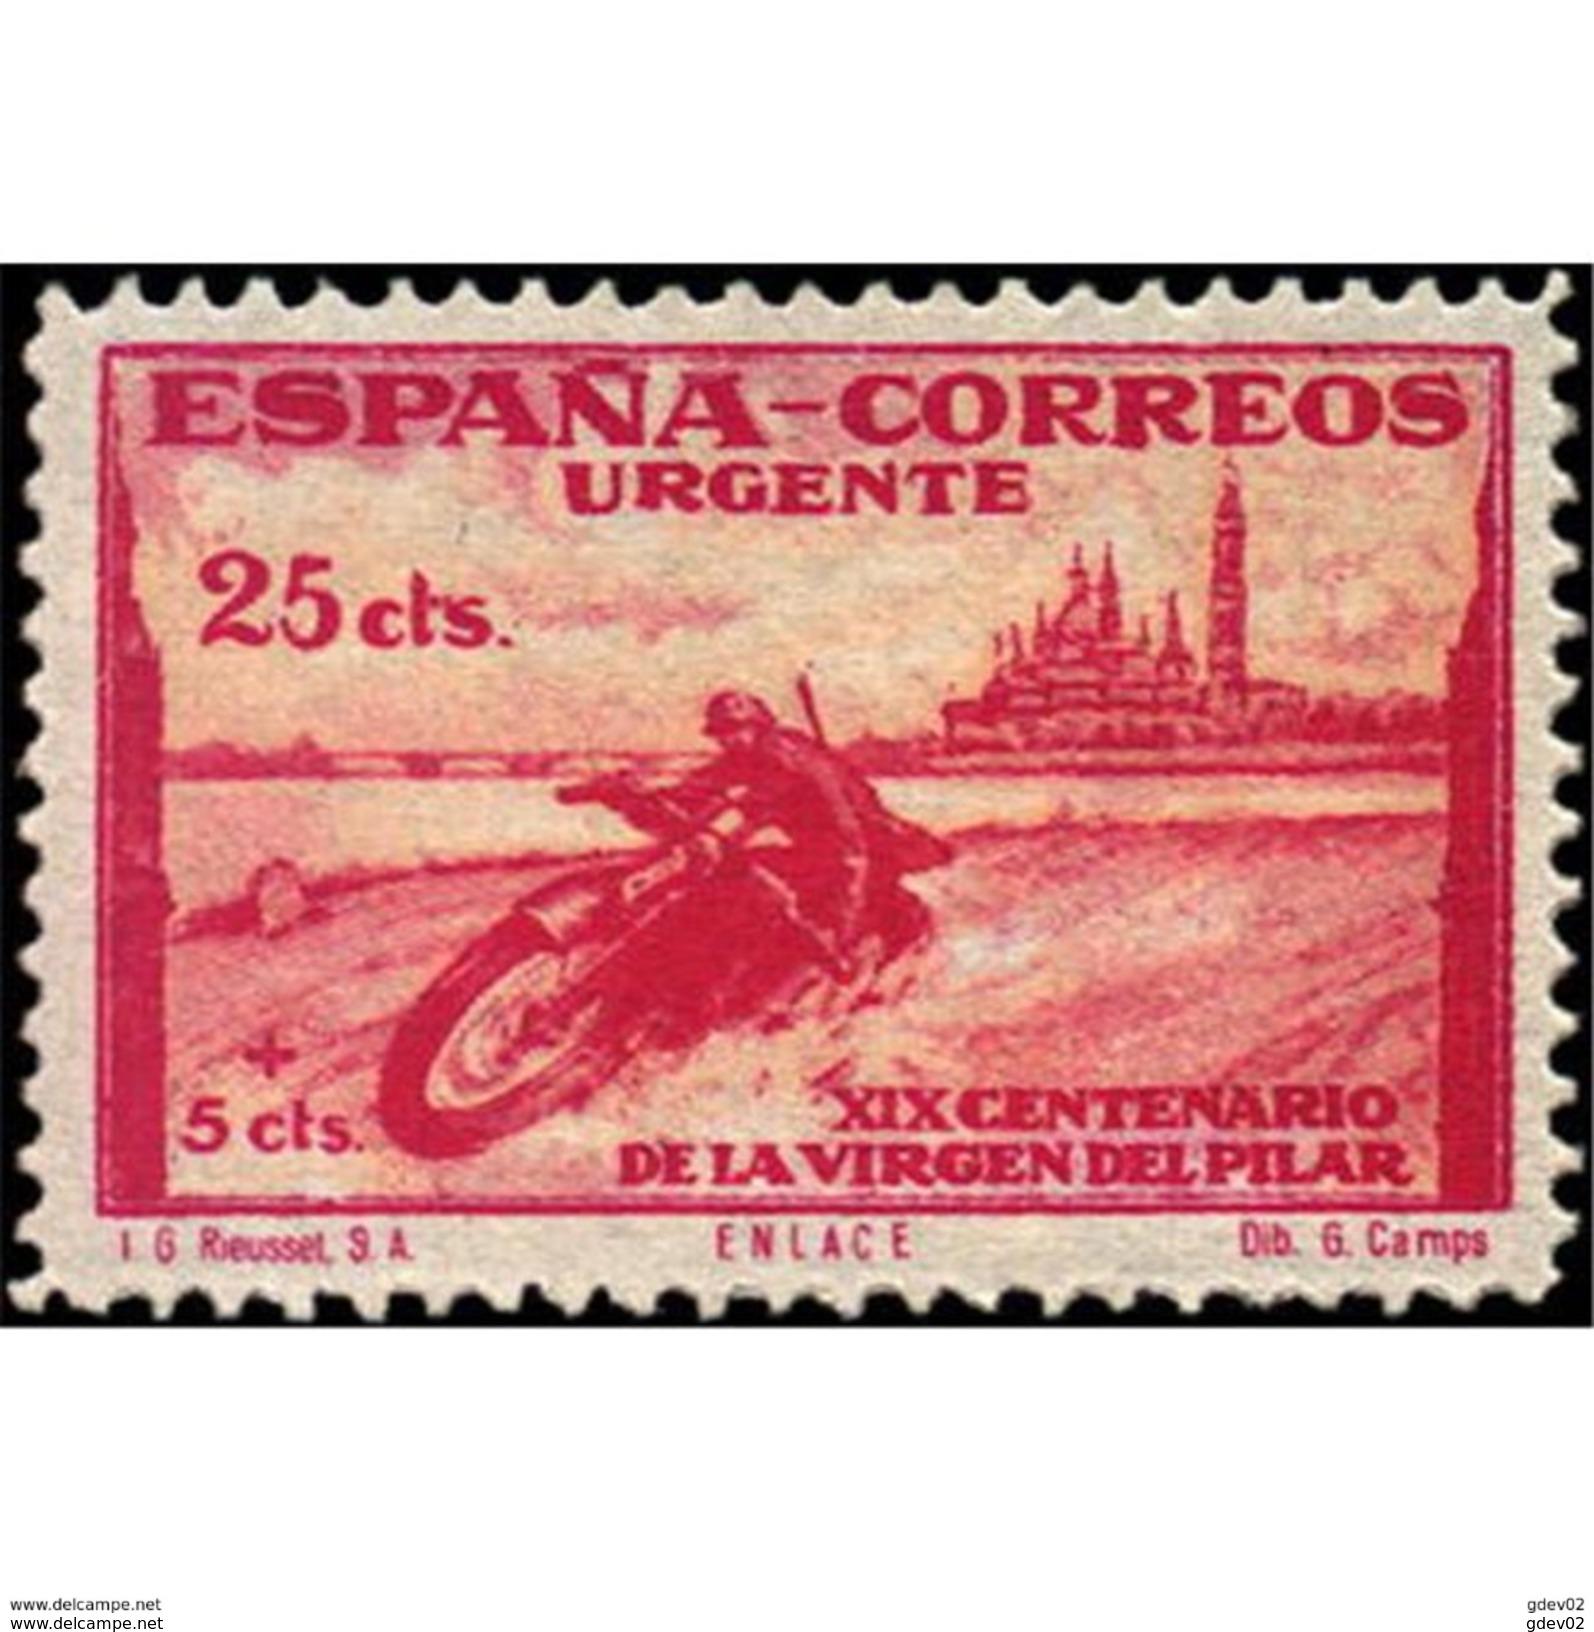 ES903STV-LTV***903STEUR.Spain.Esgane .RELIGION.VENIDA DE LA VIRGEN DE EL PILAR De ZARAGOZA.URGENTE.moto.1940.(Ed 903**) - Correo Urgente